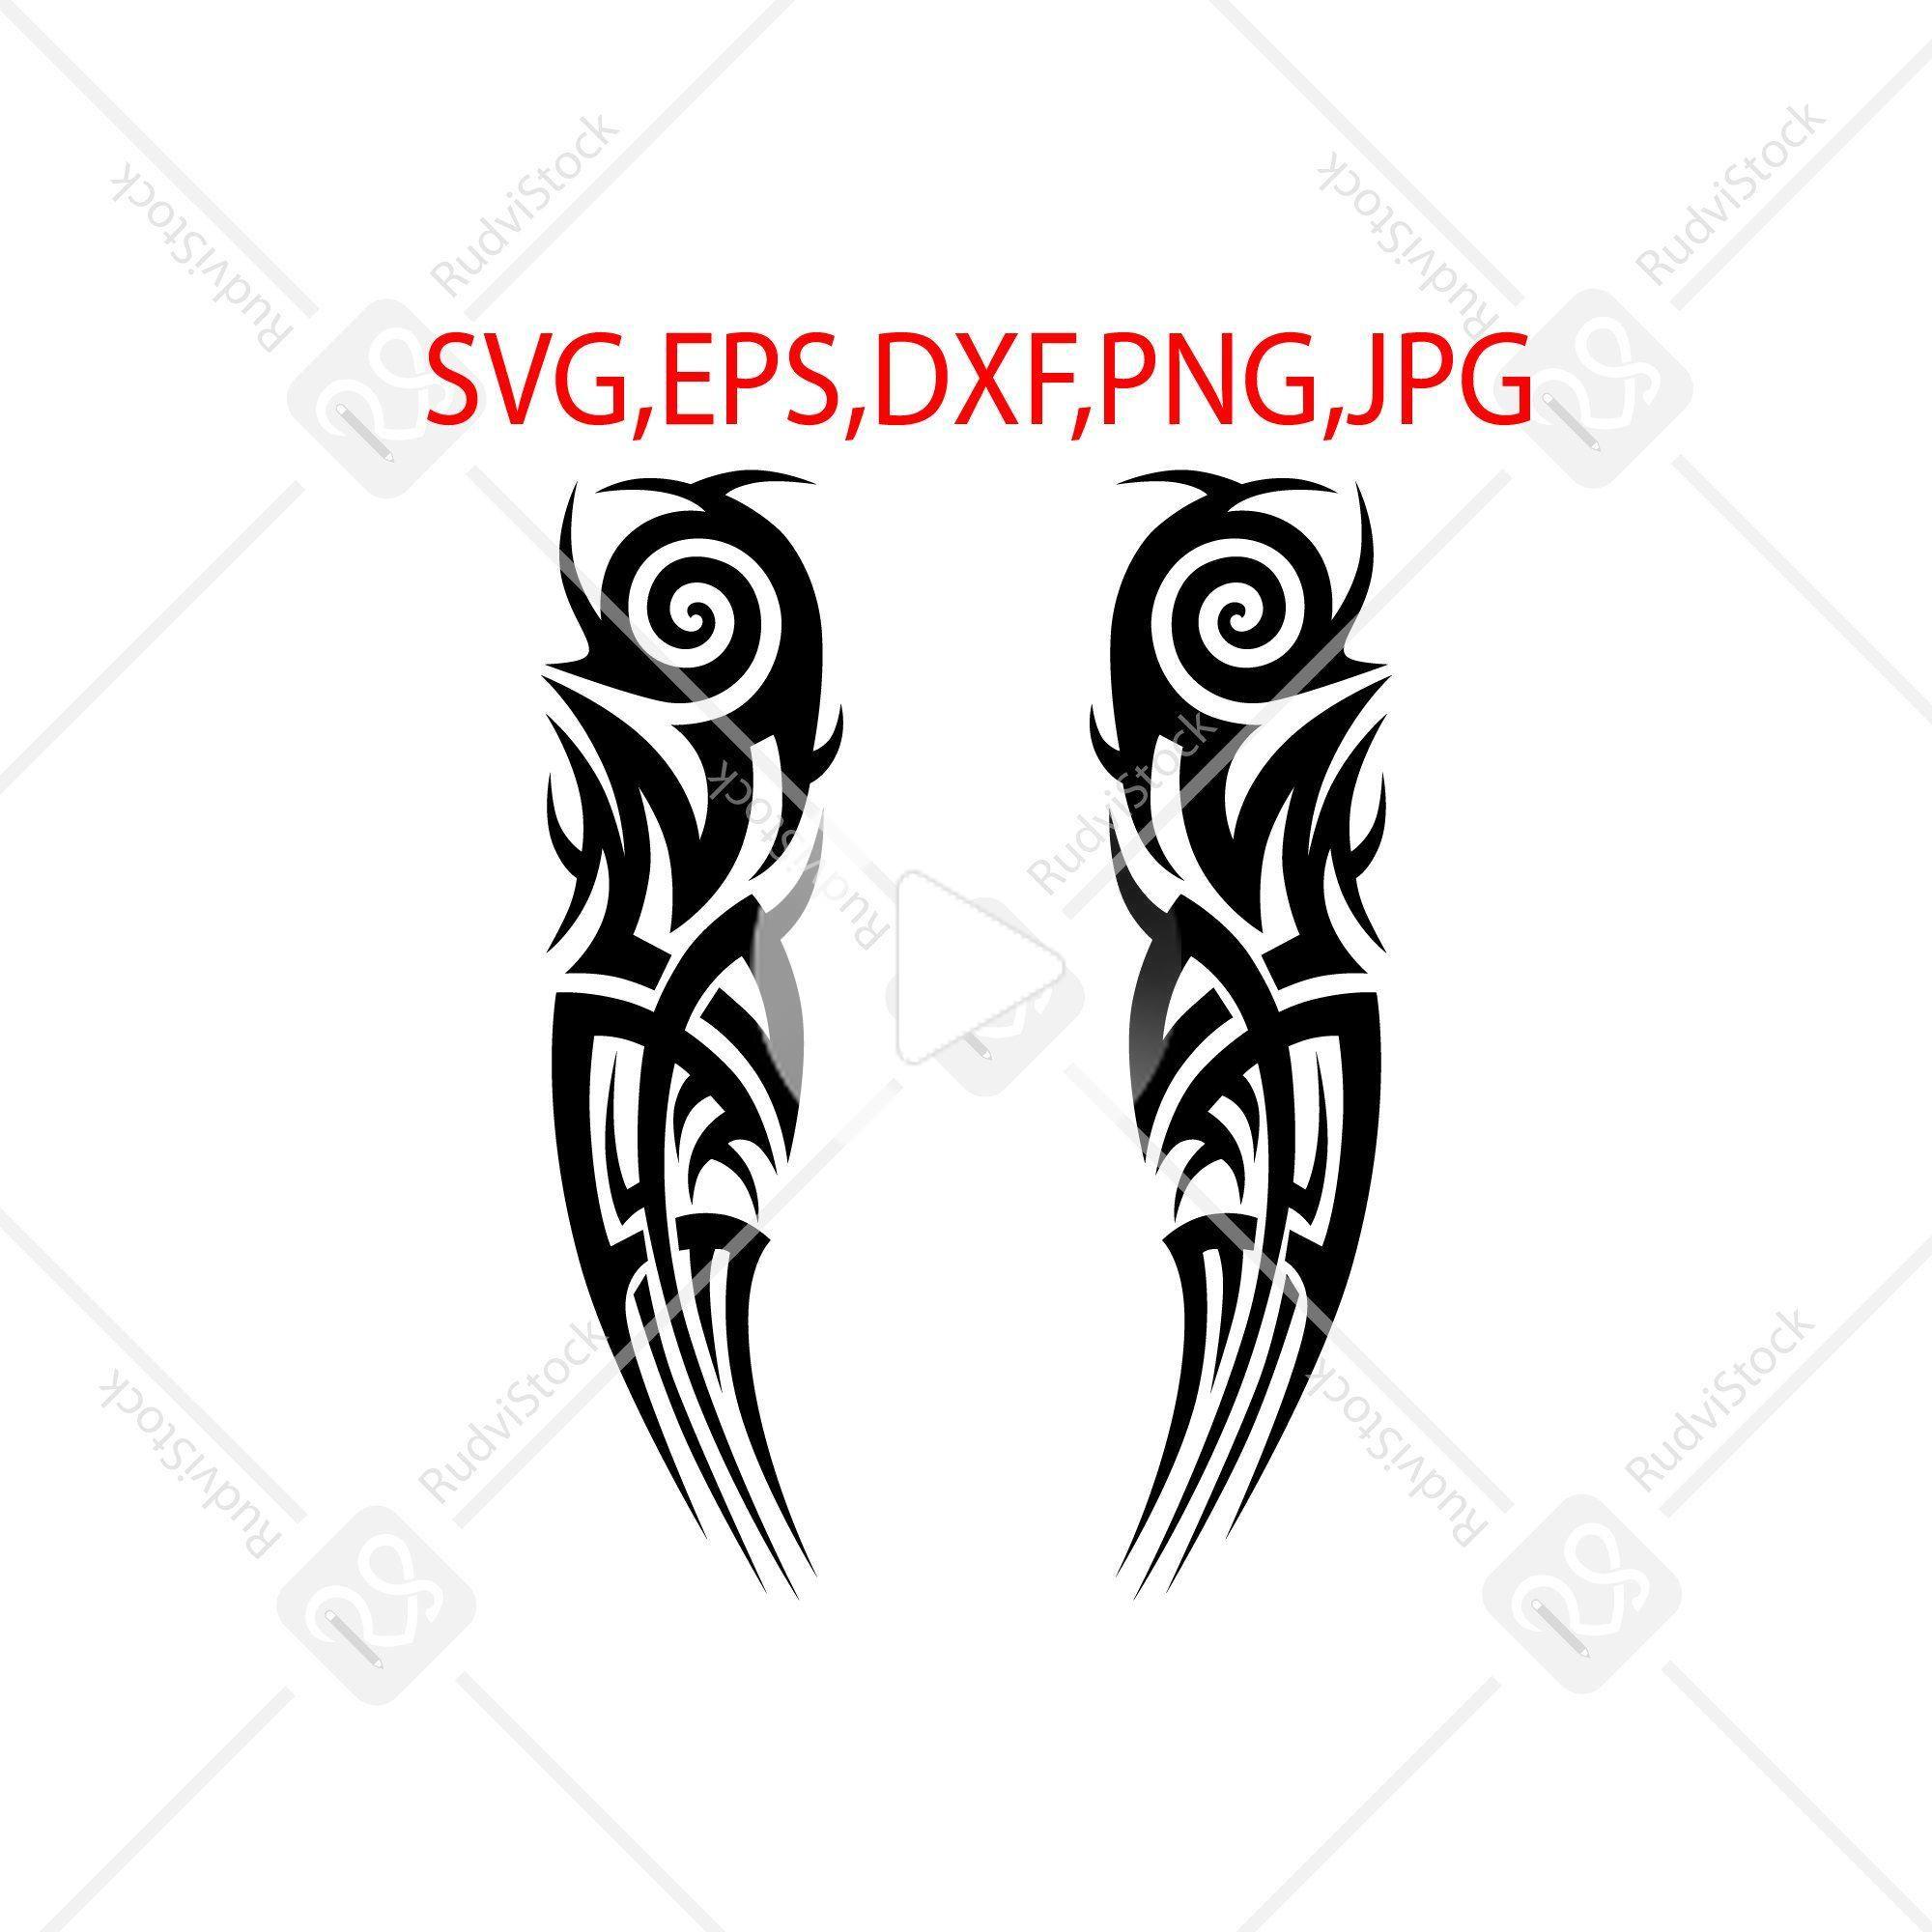 Tattoo Svg Tribal Tattoo Designs Tribal Sleeve Tattoo Stencil Svg Tattoo Svg Files For Cricut In 2020 Tribal Tattoo Designs Tribal Tattoos Tribal Sleeve